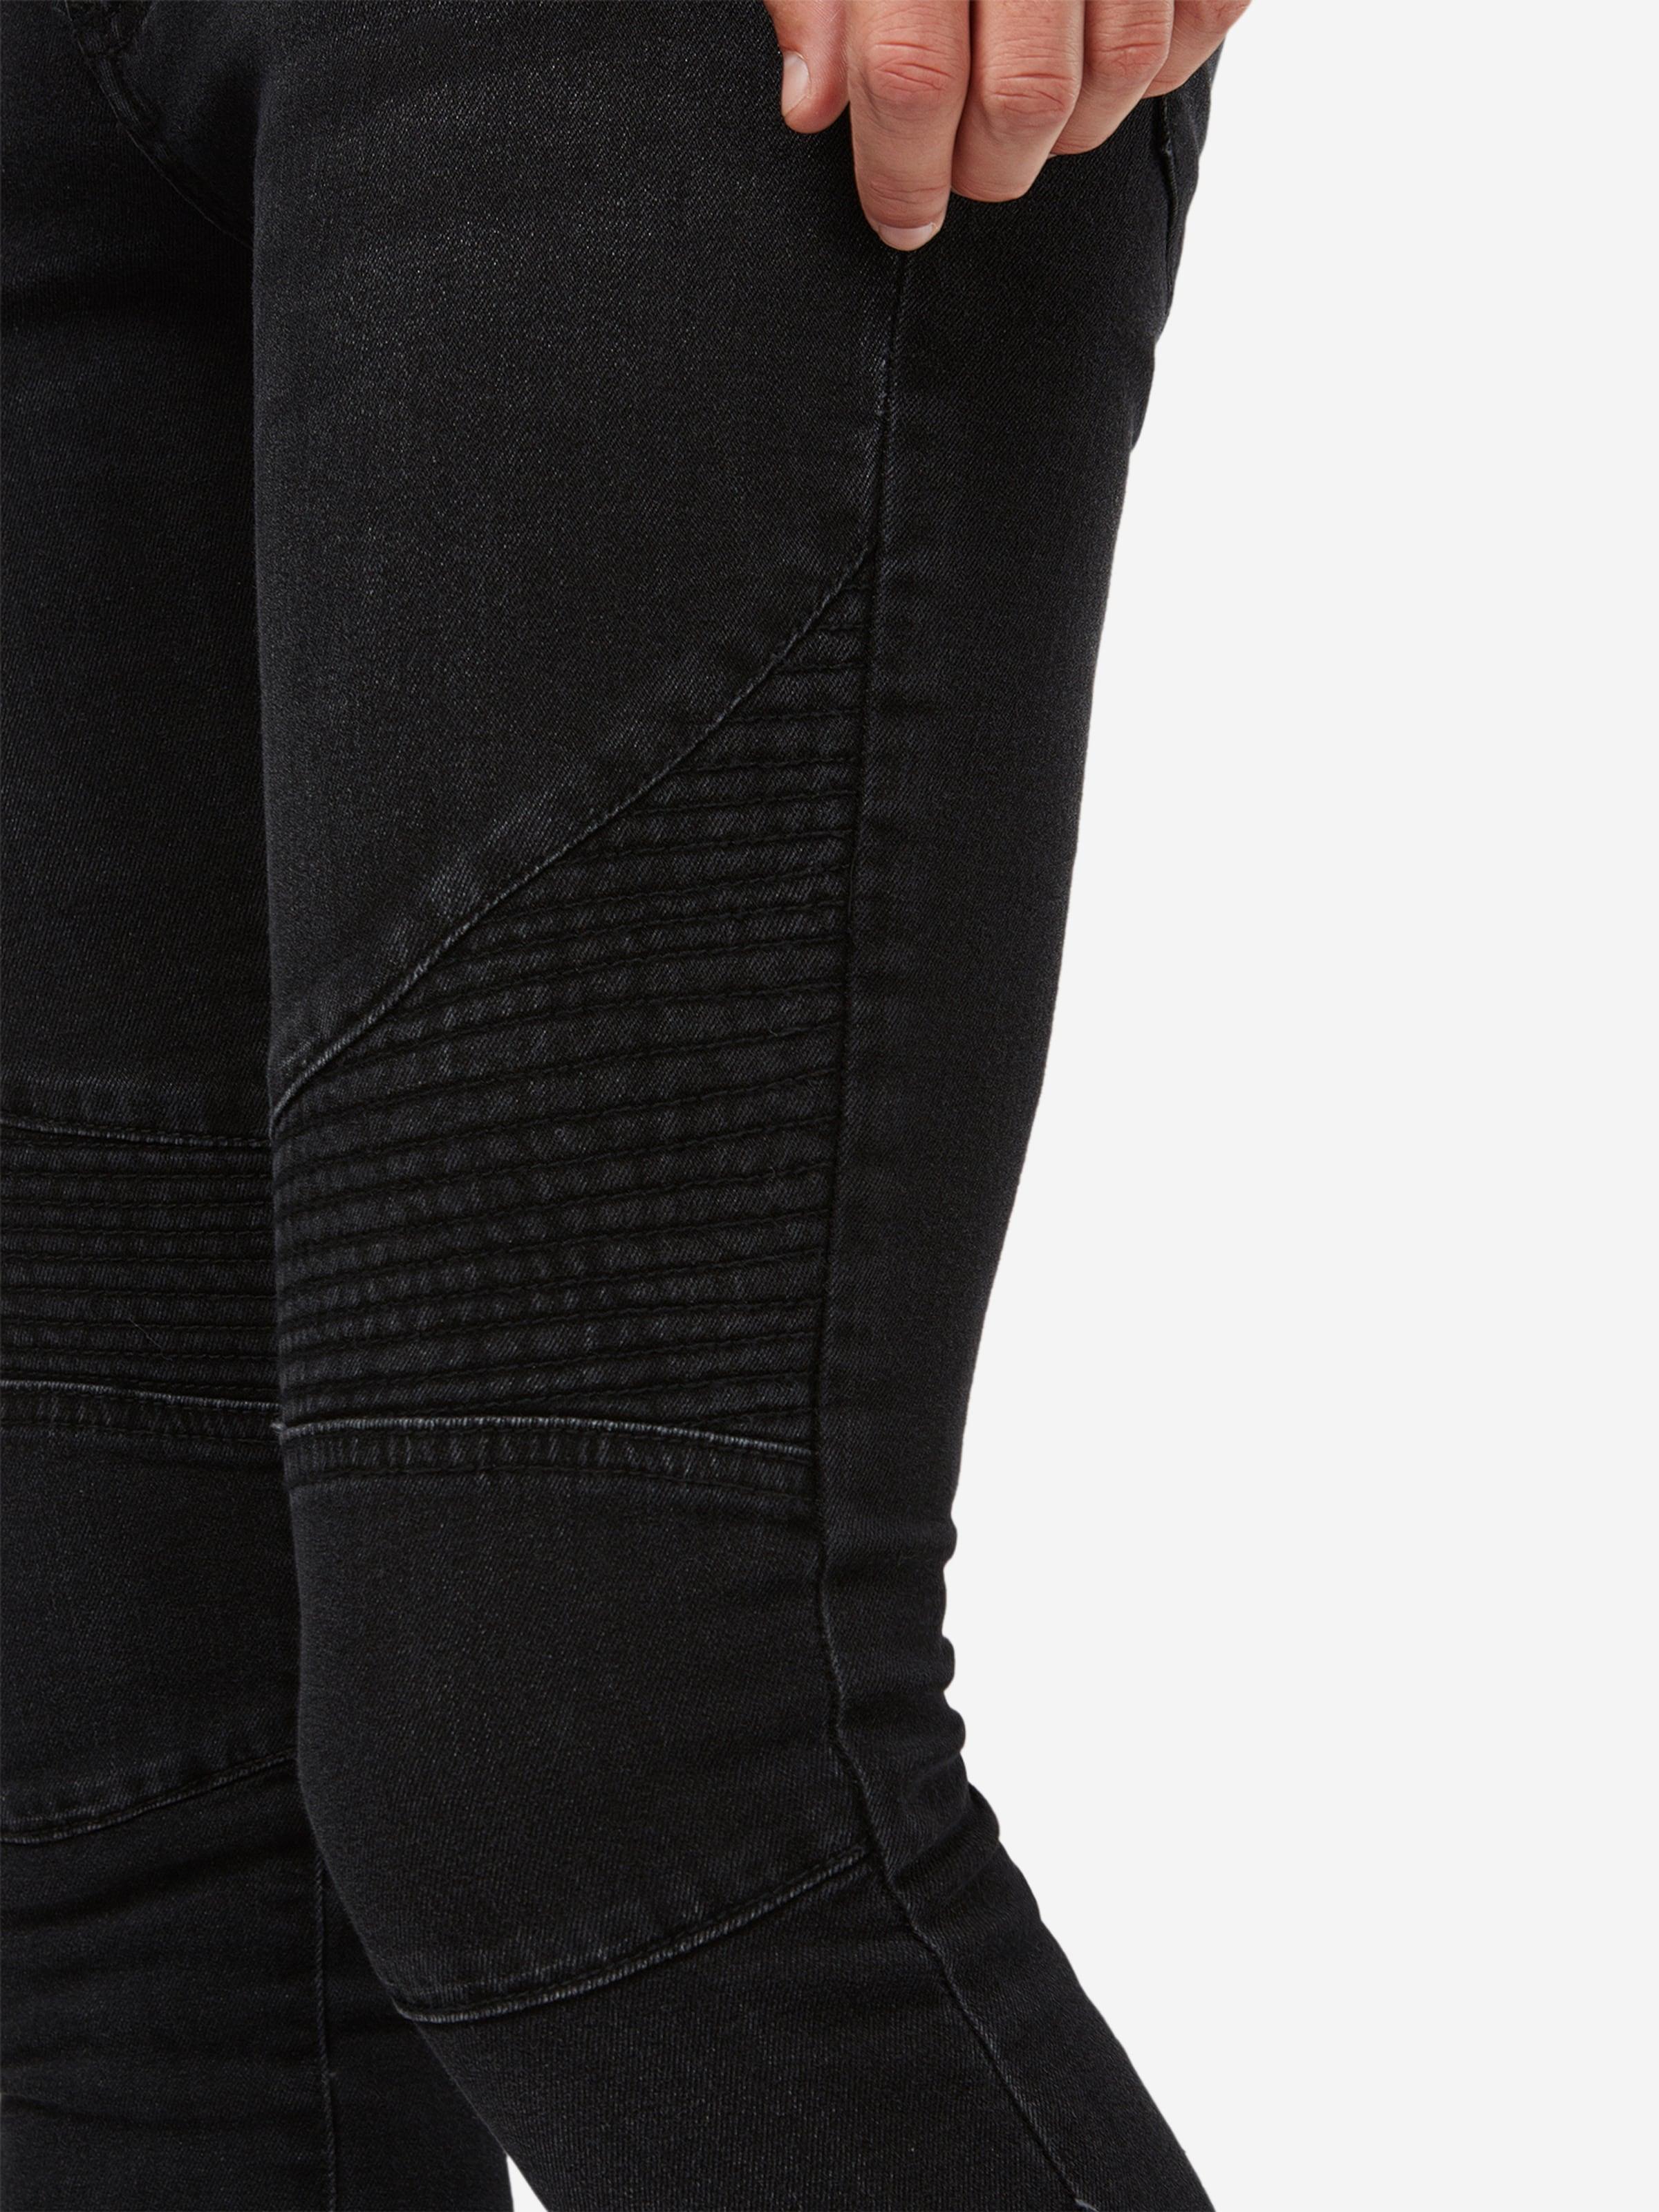 Urban Classics Jeans 'Slim Fit Biker' Günstiger Preis Fälscht Neuesten Kollektionen Verkauf Online emzaP5